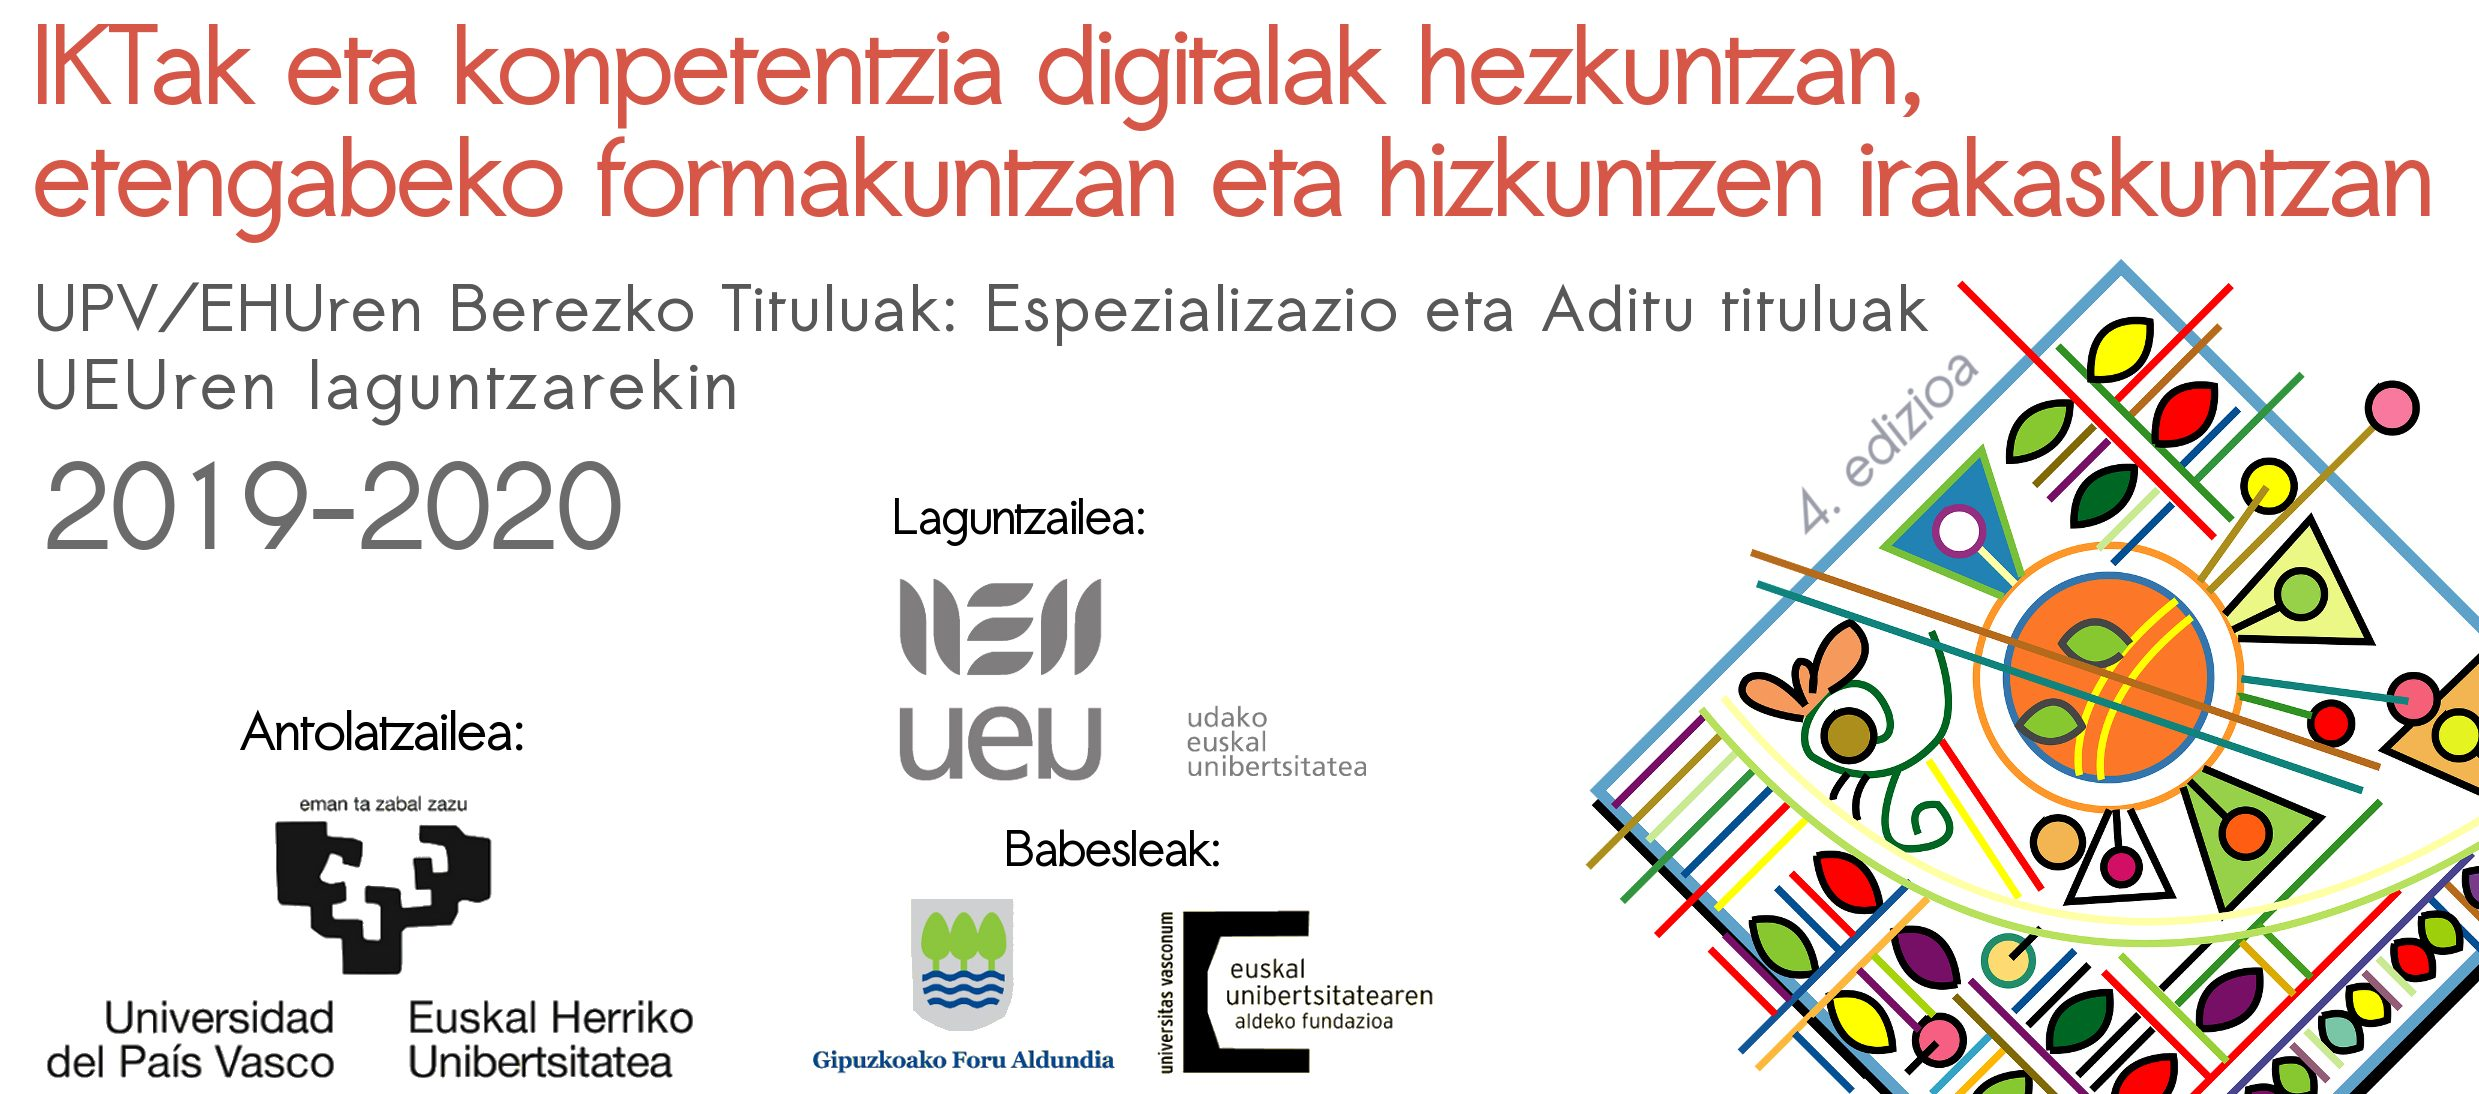 IKTak eta konpetentzia digitalak hezkuntzan